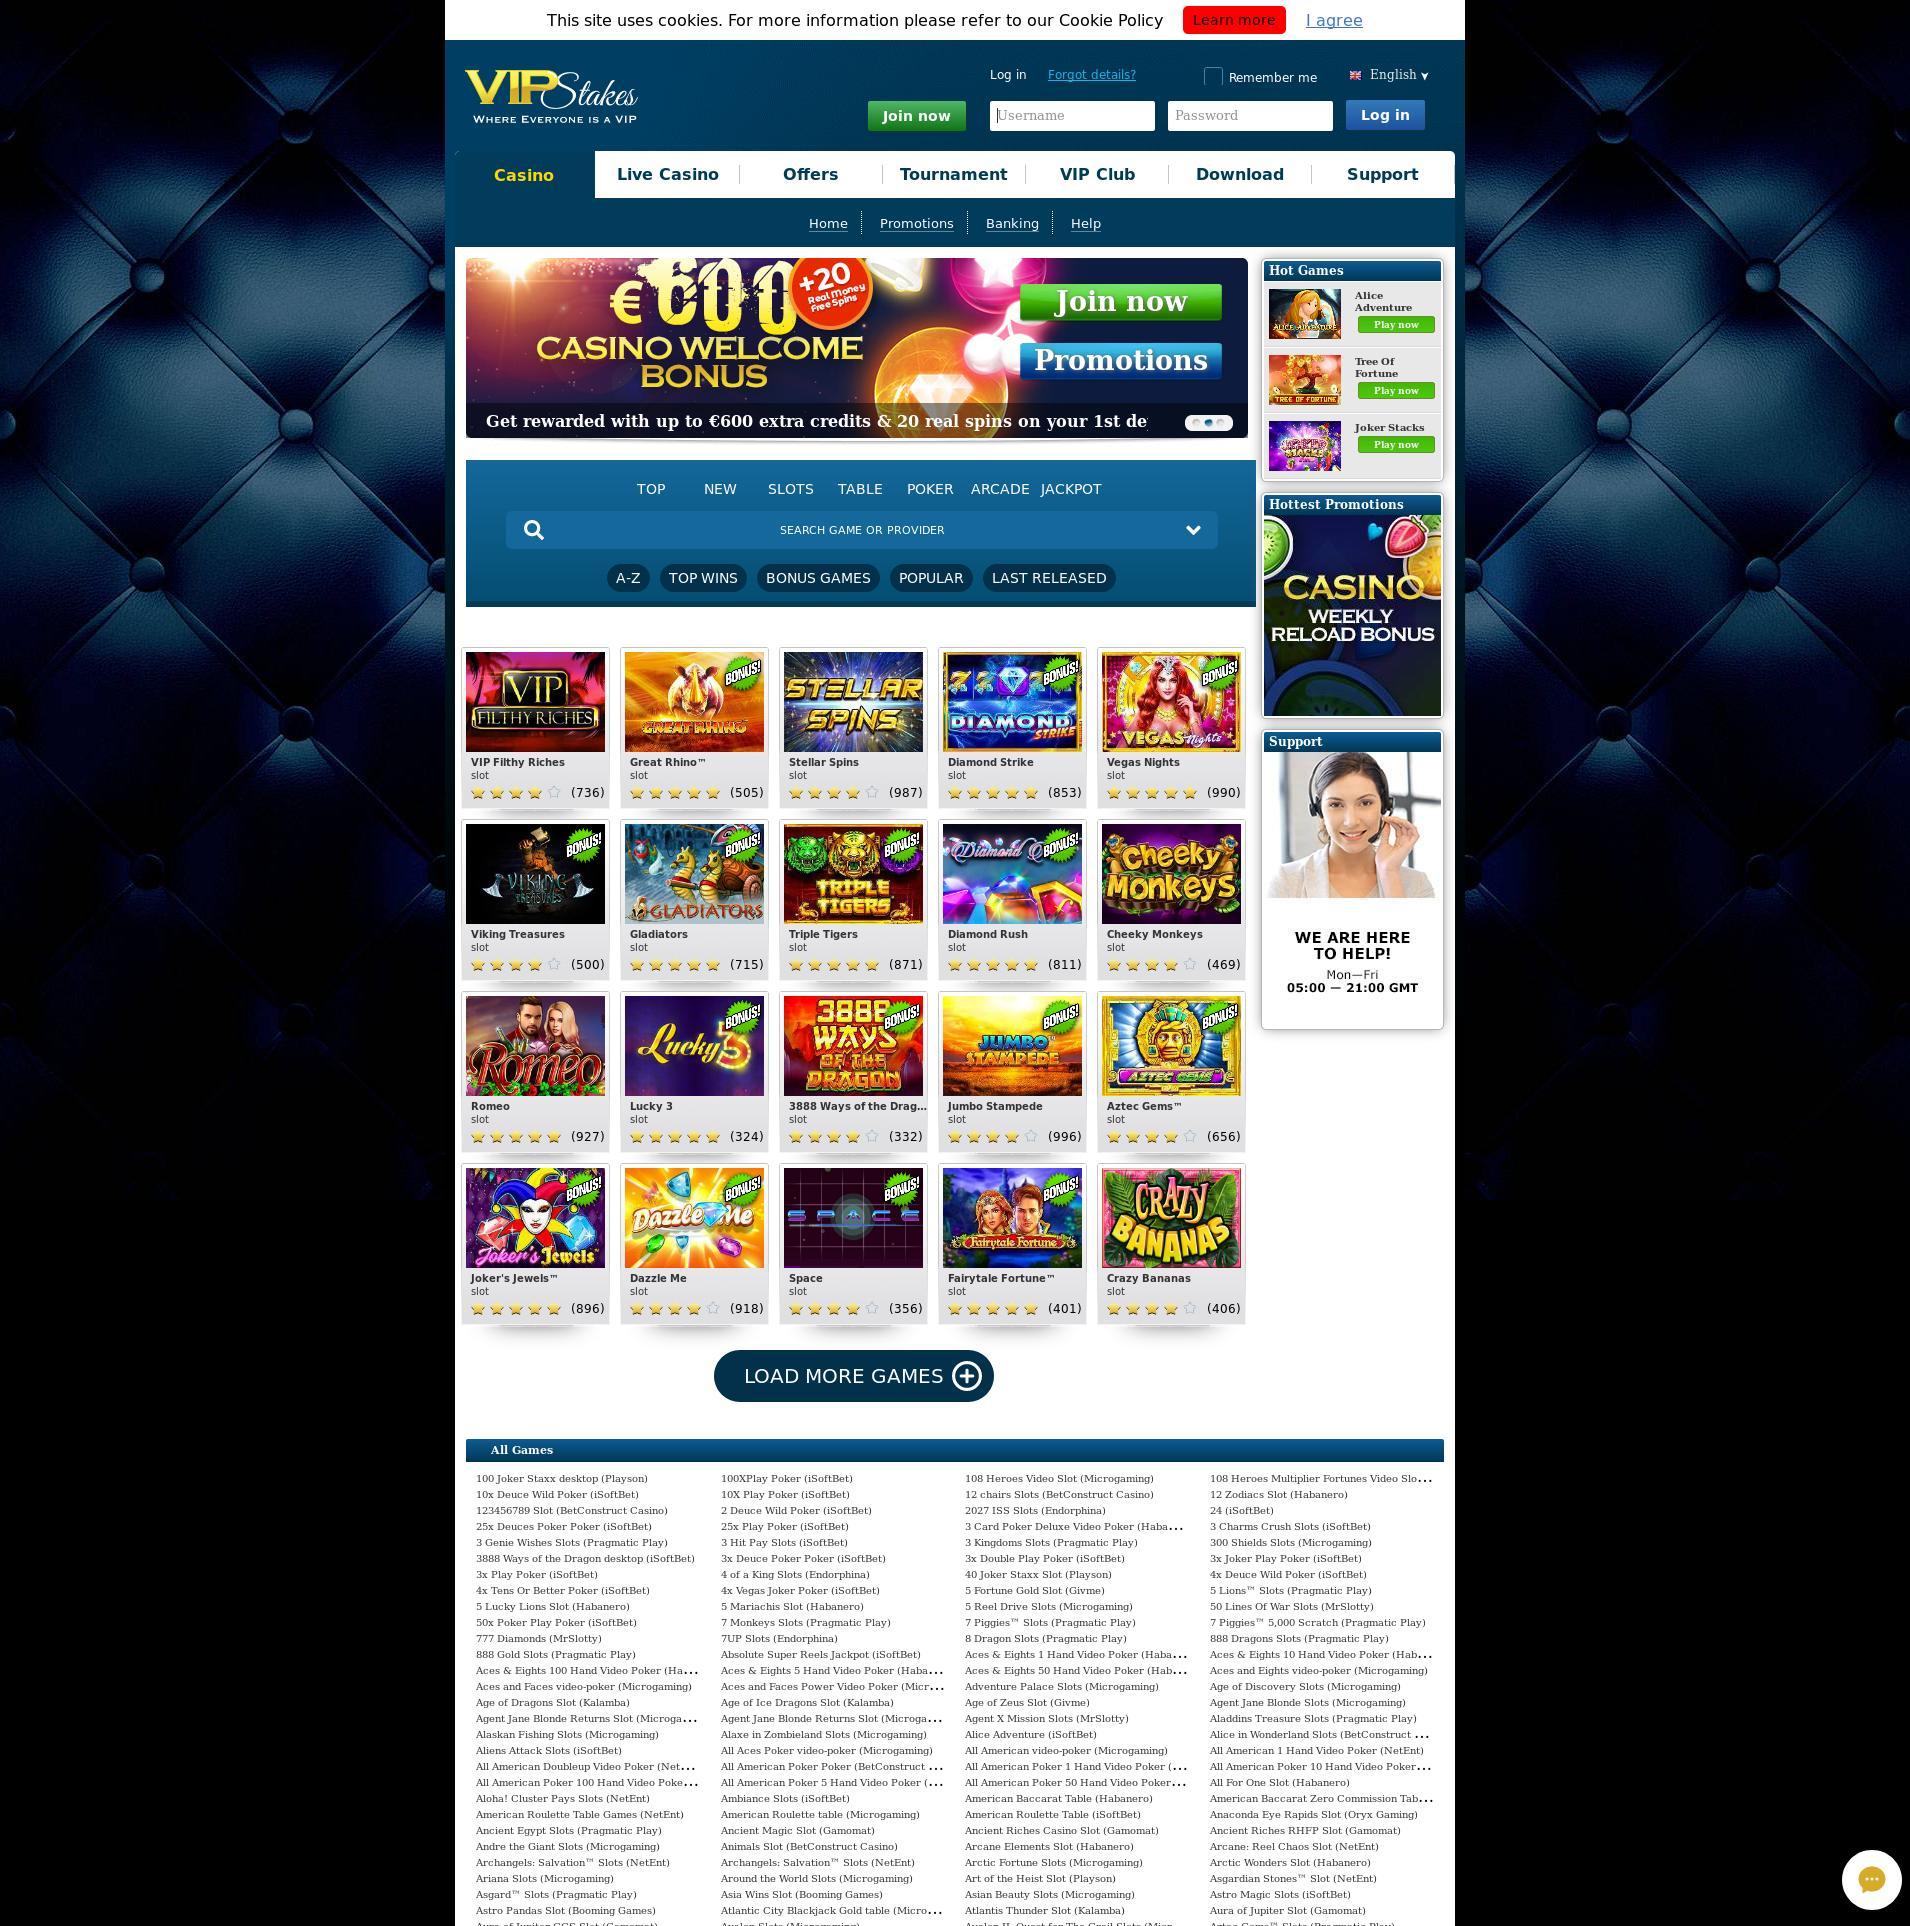 Casino Bildschirm Lobby 2019-08-18 zum Deutschland